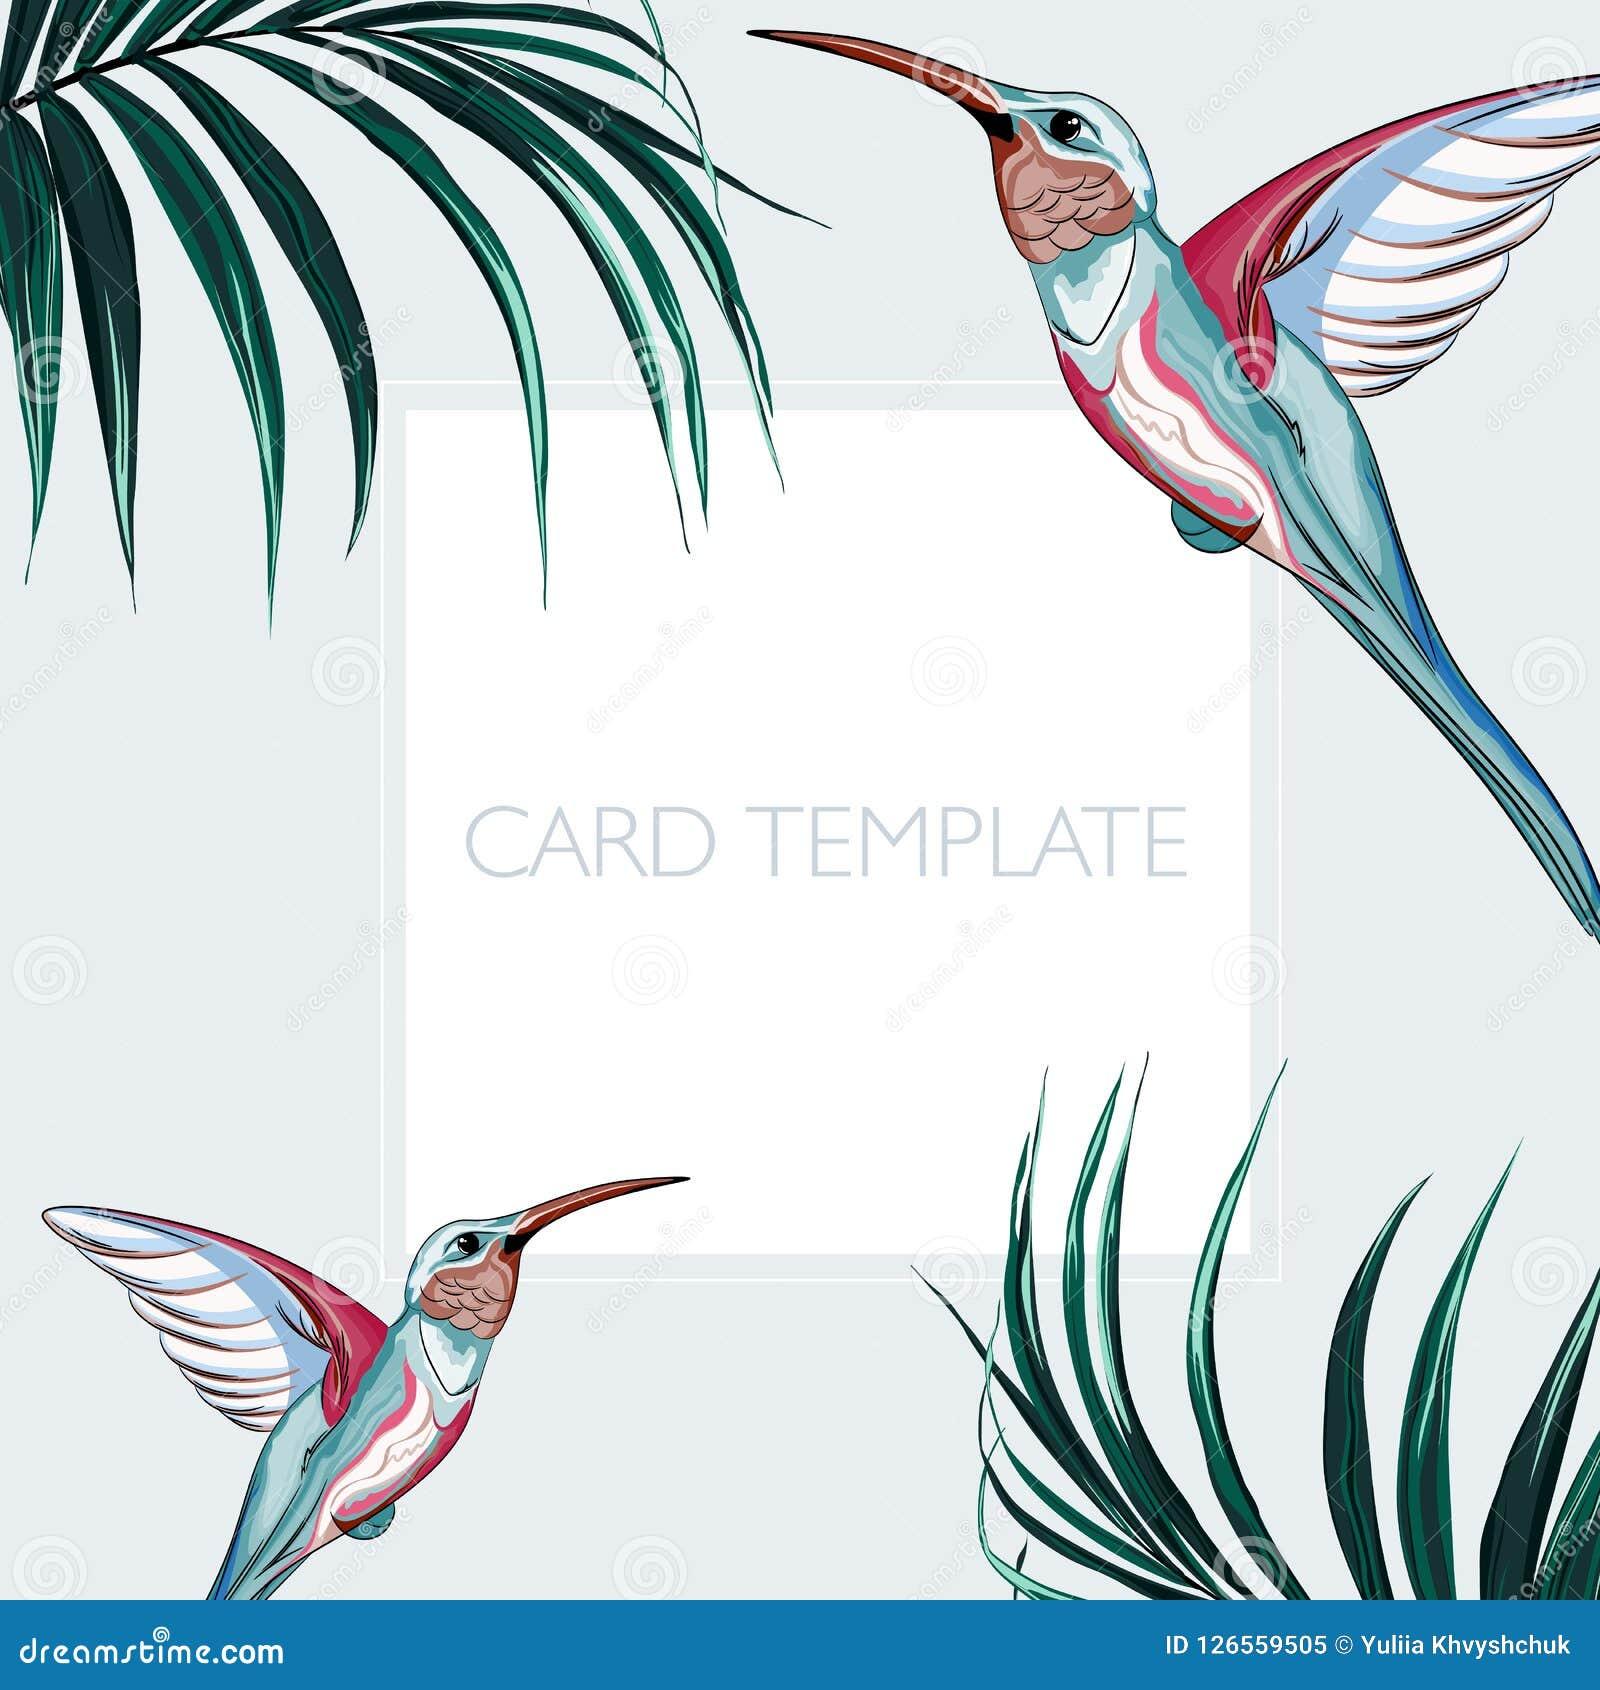 Elegantes florales invitan a diseño de tarjeta: hojas de palma tropicales y pájaros rosados del paraíso